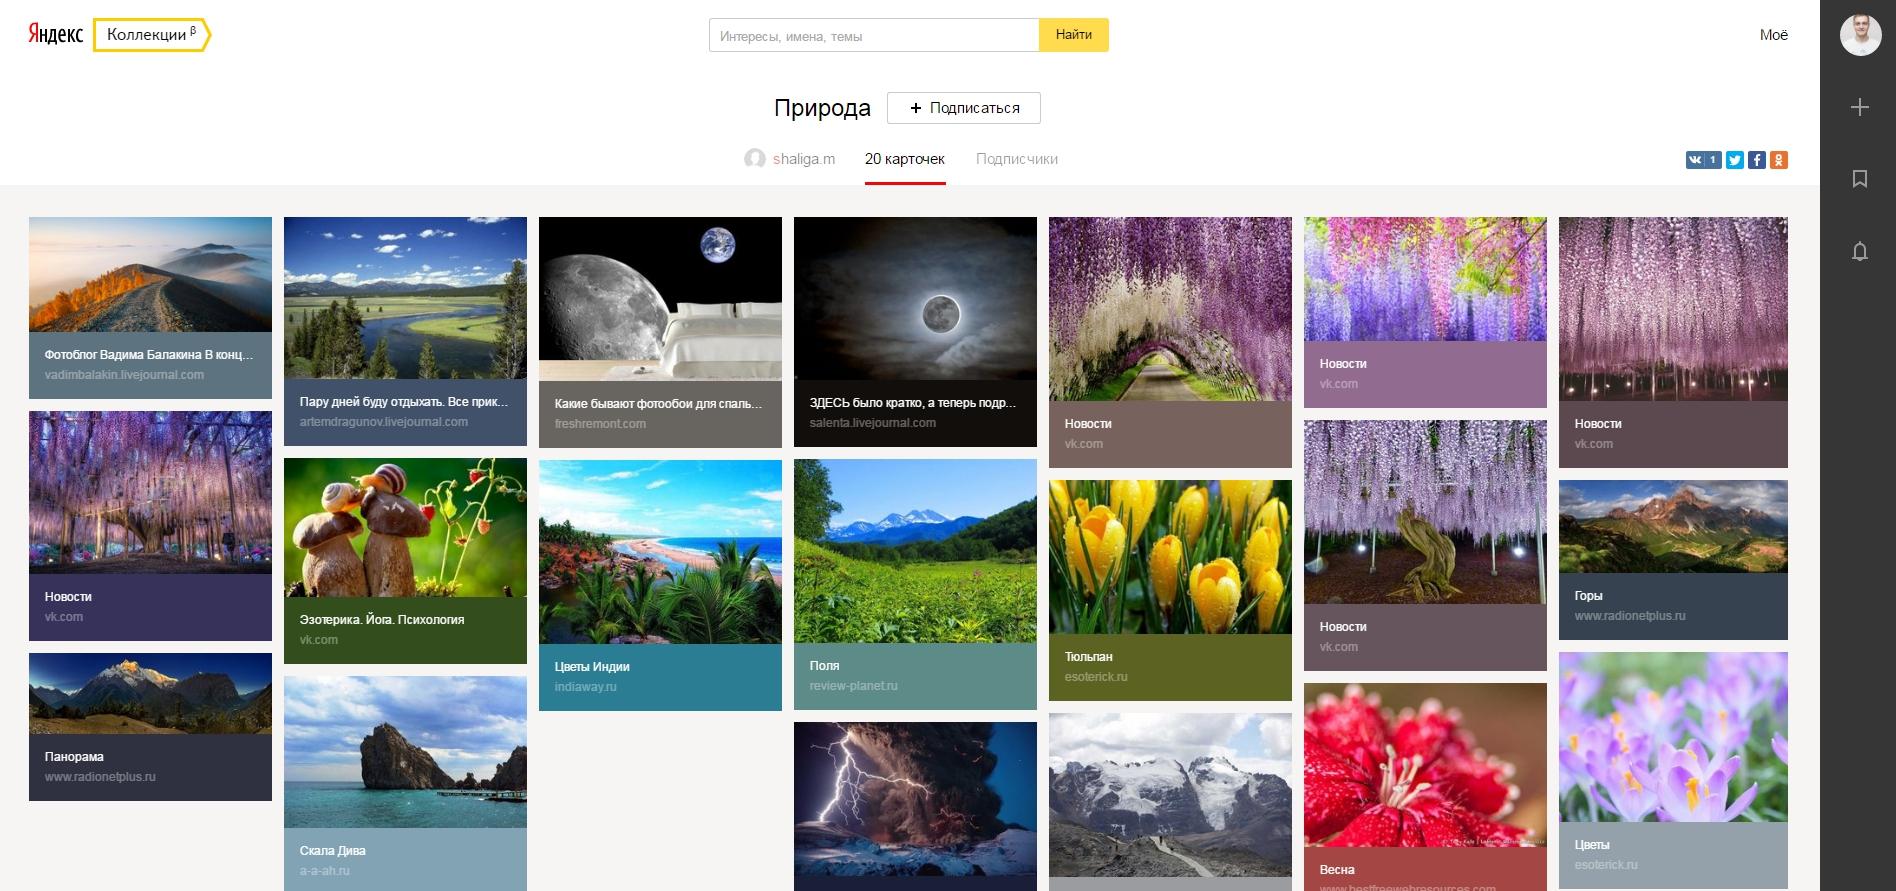 Подписка и комментарии в Яндекс.Коллекции